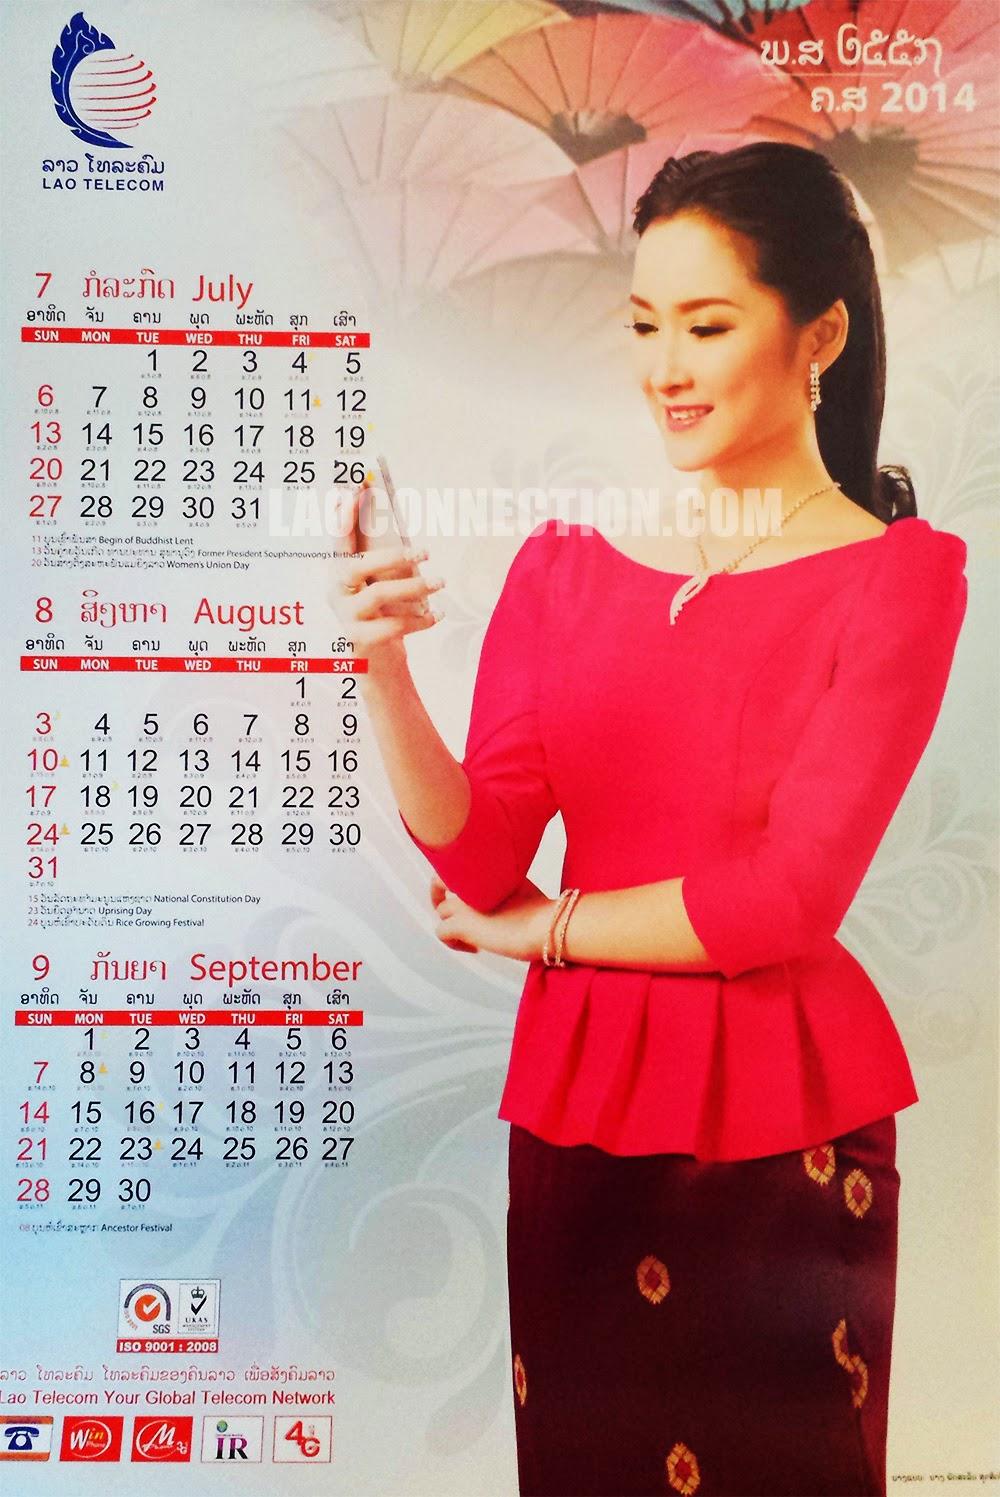 Lao Telecom Calendar 2014 - Miss July/August/September